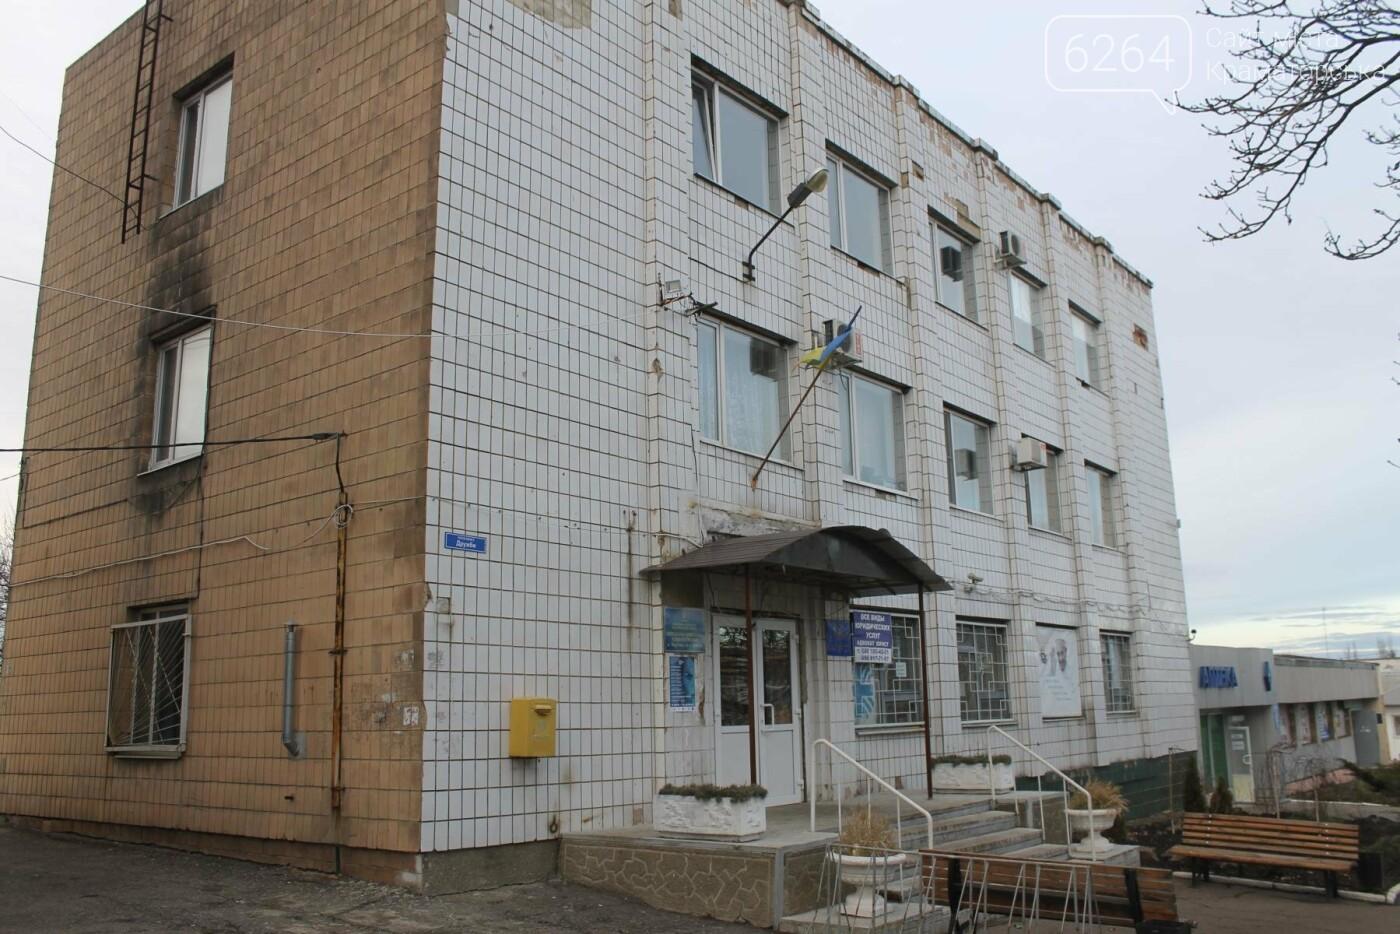 Необъявленная война глазами очевидцев: Марьинка - тонкая граница между стабильностью и разрушенным благополучием , фото-1